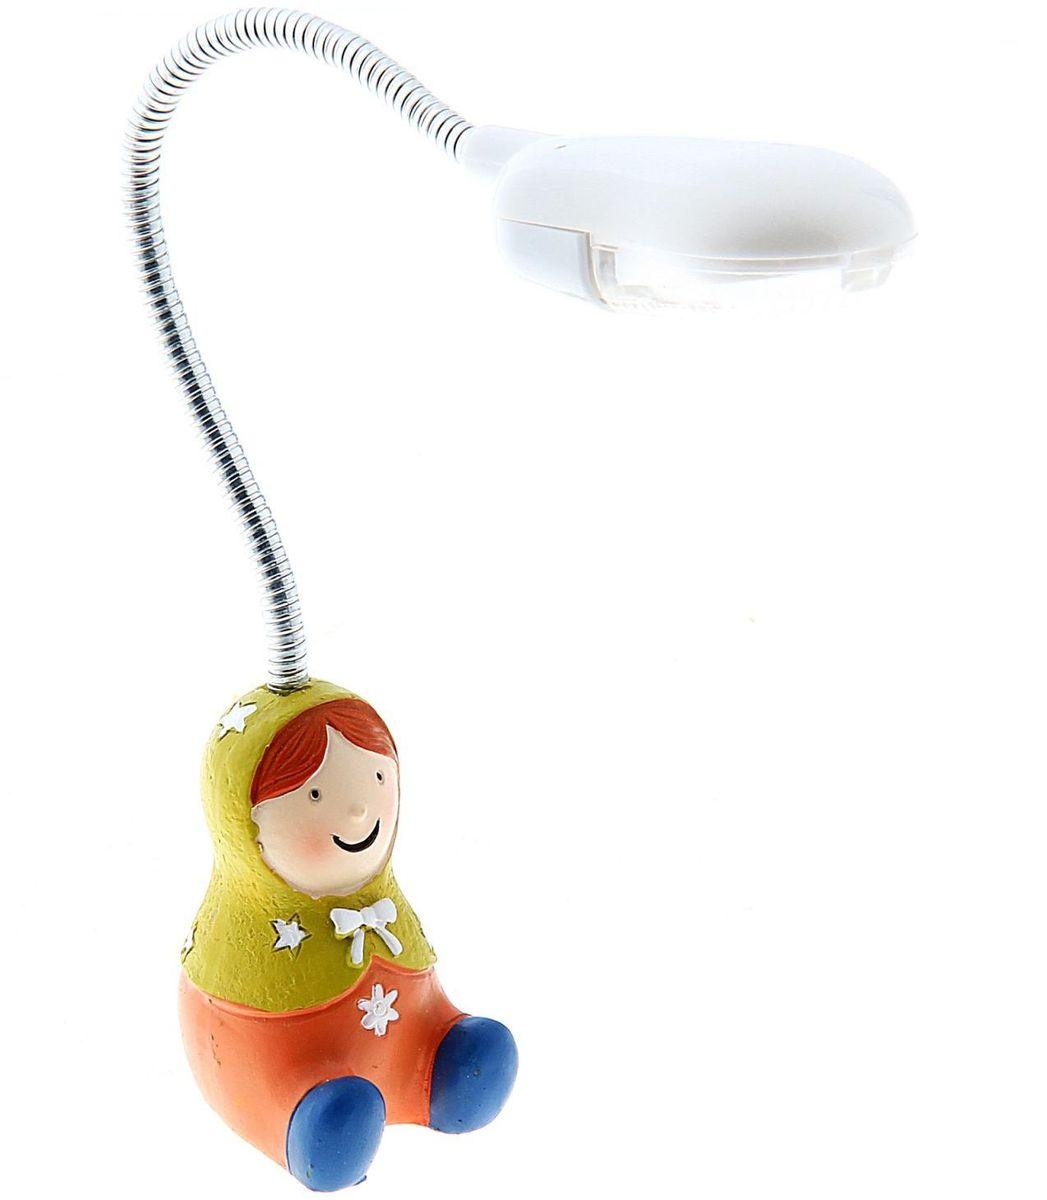 Лампа настольная LED Матрешка зеленая140487Детям веселей, когда их окружают яркие вещицы. Поэтому стоит продумать даже то, как будет выглядеть дополнительный источник света в комнате вашего малыша. Чаще всего подобные светильники ставят на прикроватную тумбочку или письменный стол, чтобы в комнате не оставалось неосвещённого пространства. Чтобы не оставлять своего маленького шалуна в полной темноте, просто «зажгите» светильник детский белый, с ним будет спокойней и вам и ребёнку. *Размещайте провода и другие, не предназначенные для детских ручек детали, таким образом, чтобы ваш шалун до них не дотянулся.